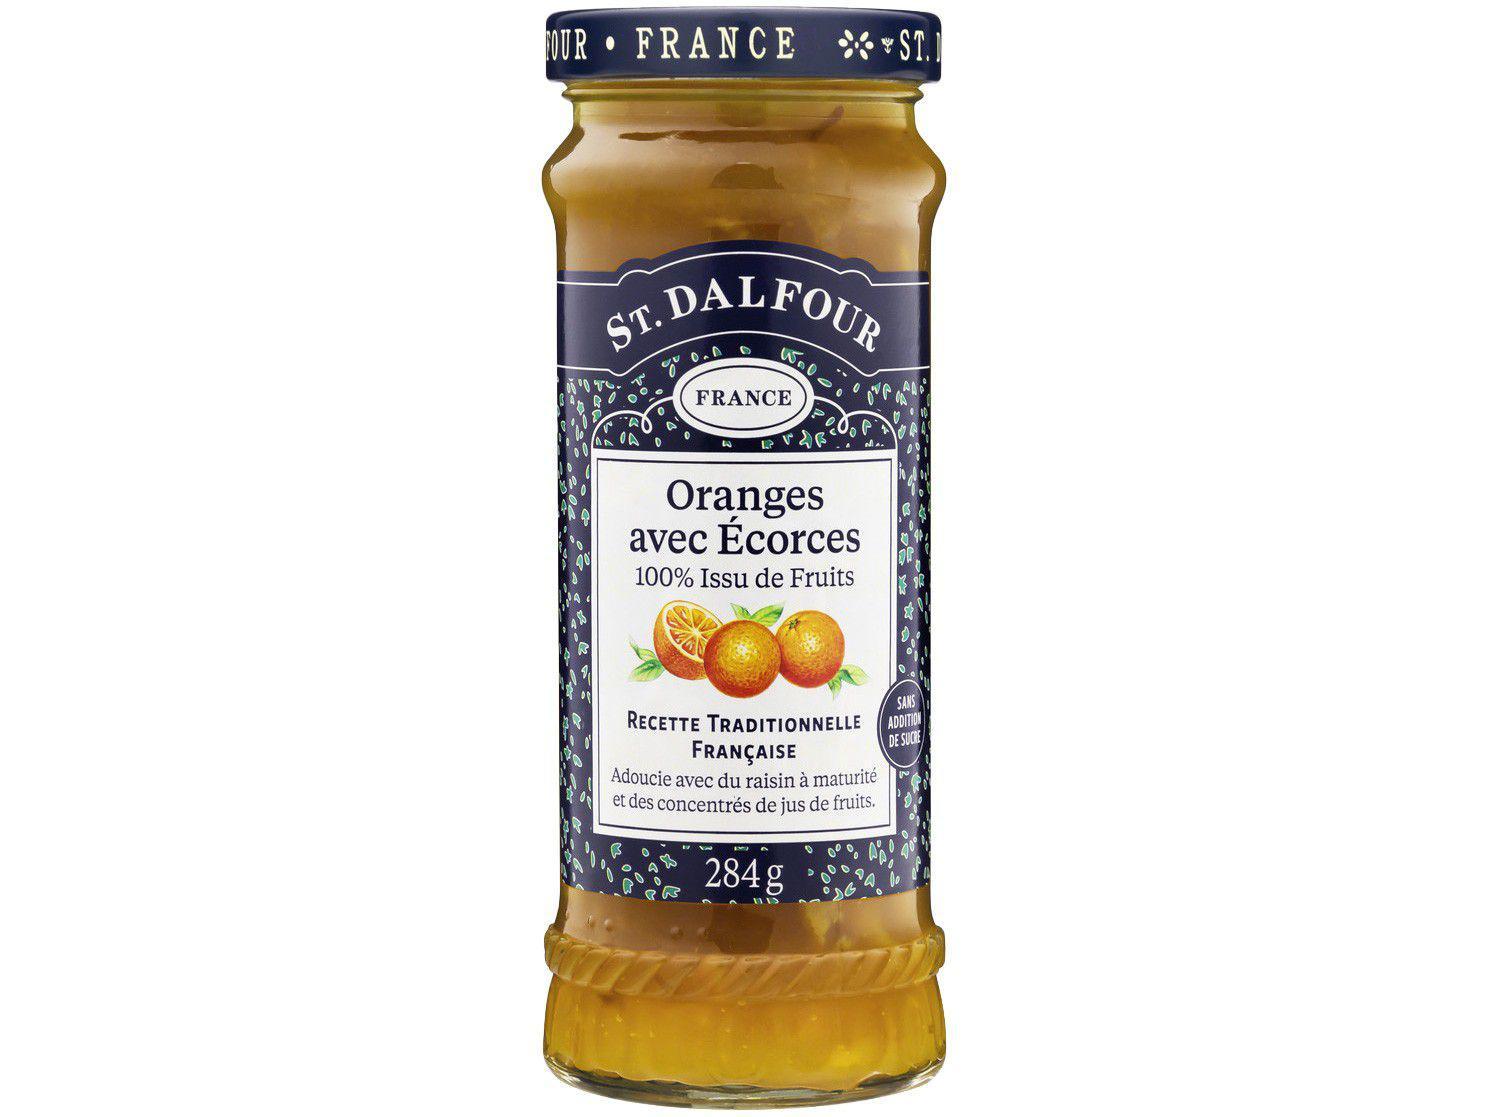 Geleia de Laranja St. Dalfour Oranges Avec Écorces - 284g